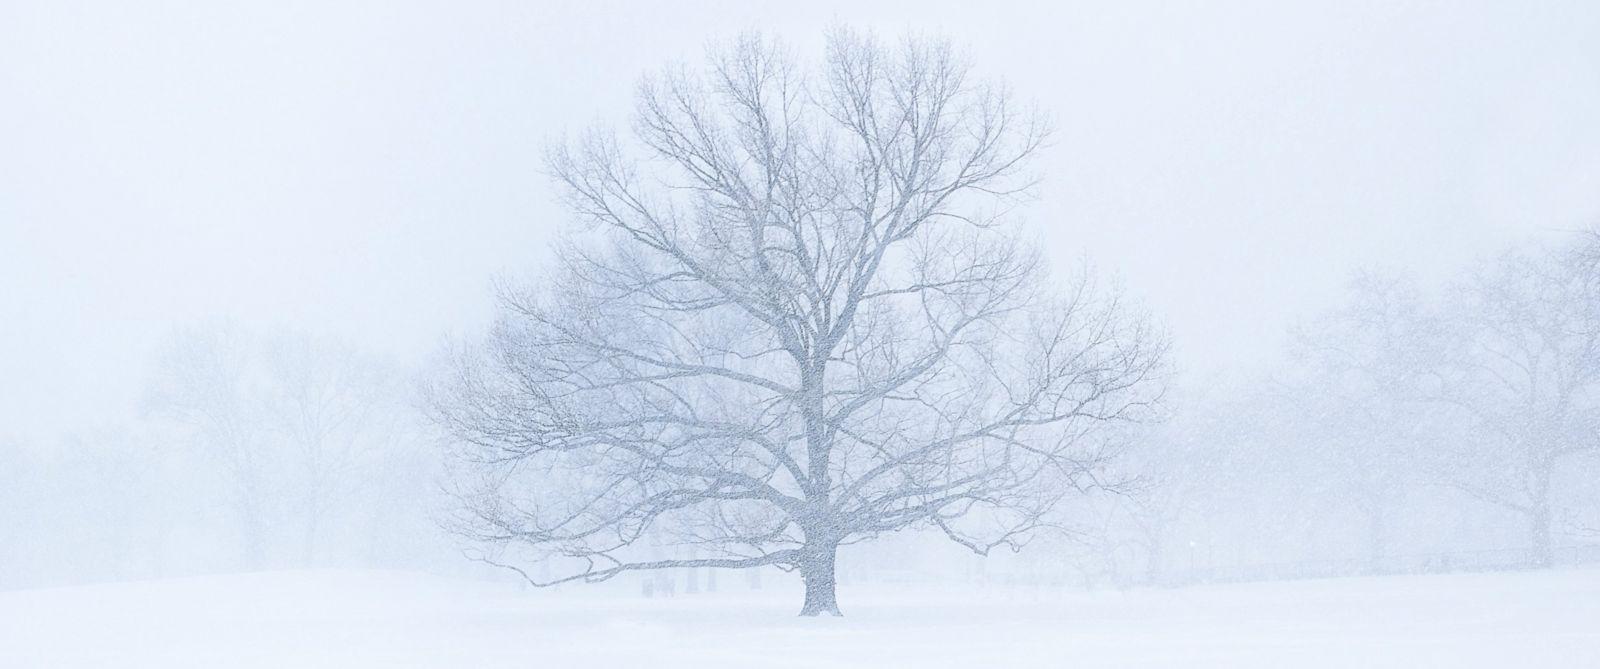 Winter-storm-Stella-newport-RI.jpg